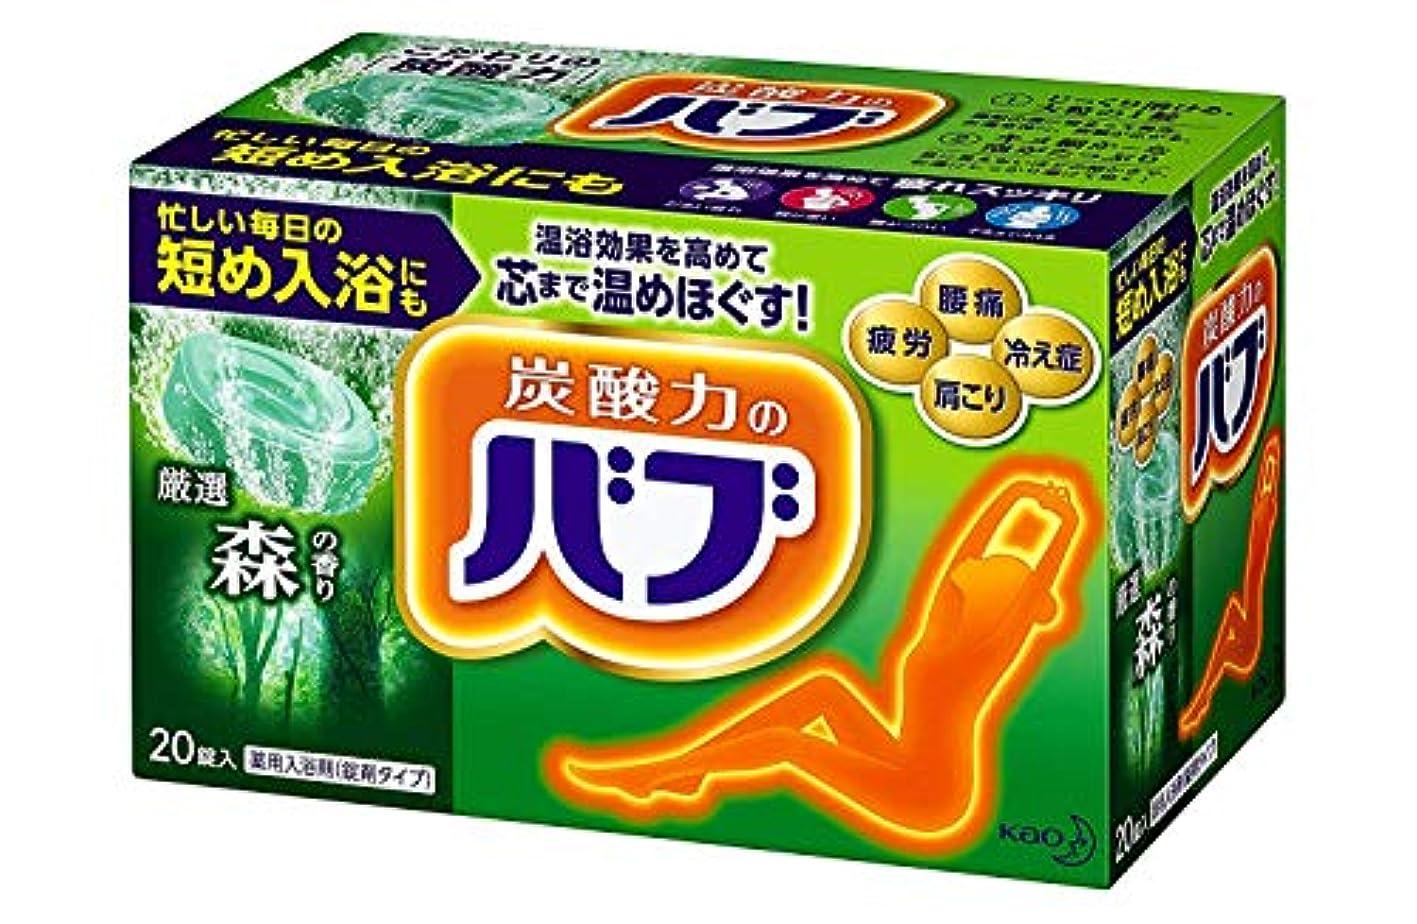 リーダーシップ名目上の深さ【花王】バブ 森の香り (20錠入) ×5個セット